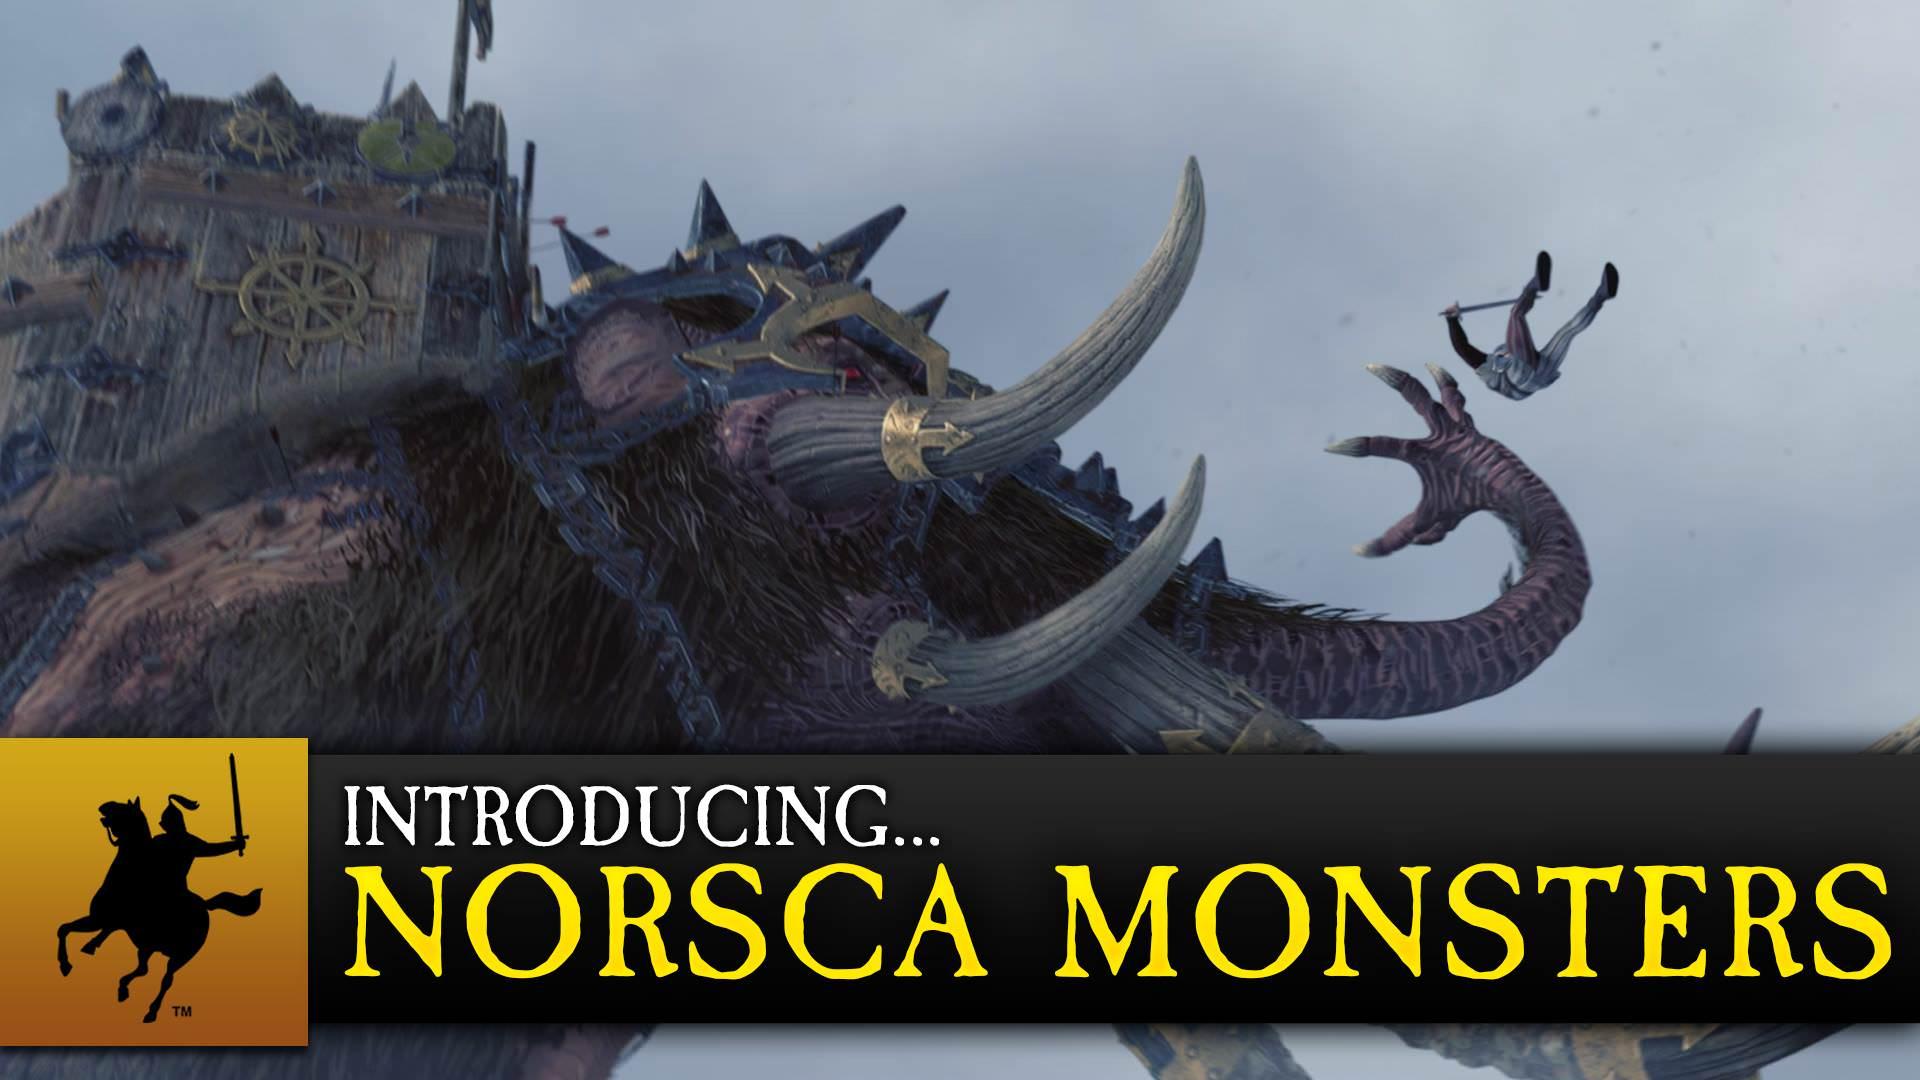 Видео Total War: Warhammer, посвящённое Монстрам Норска